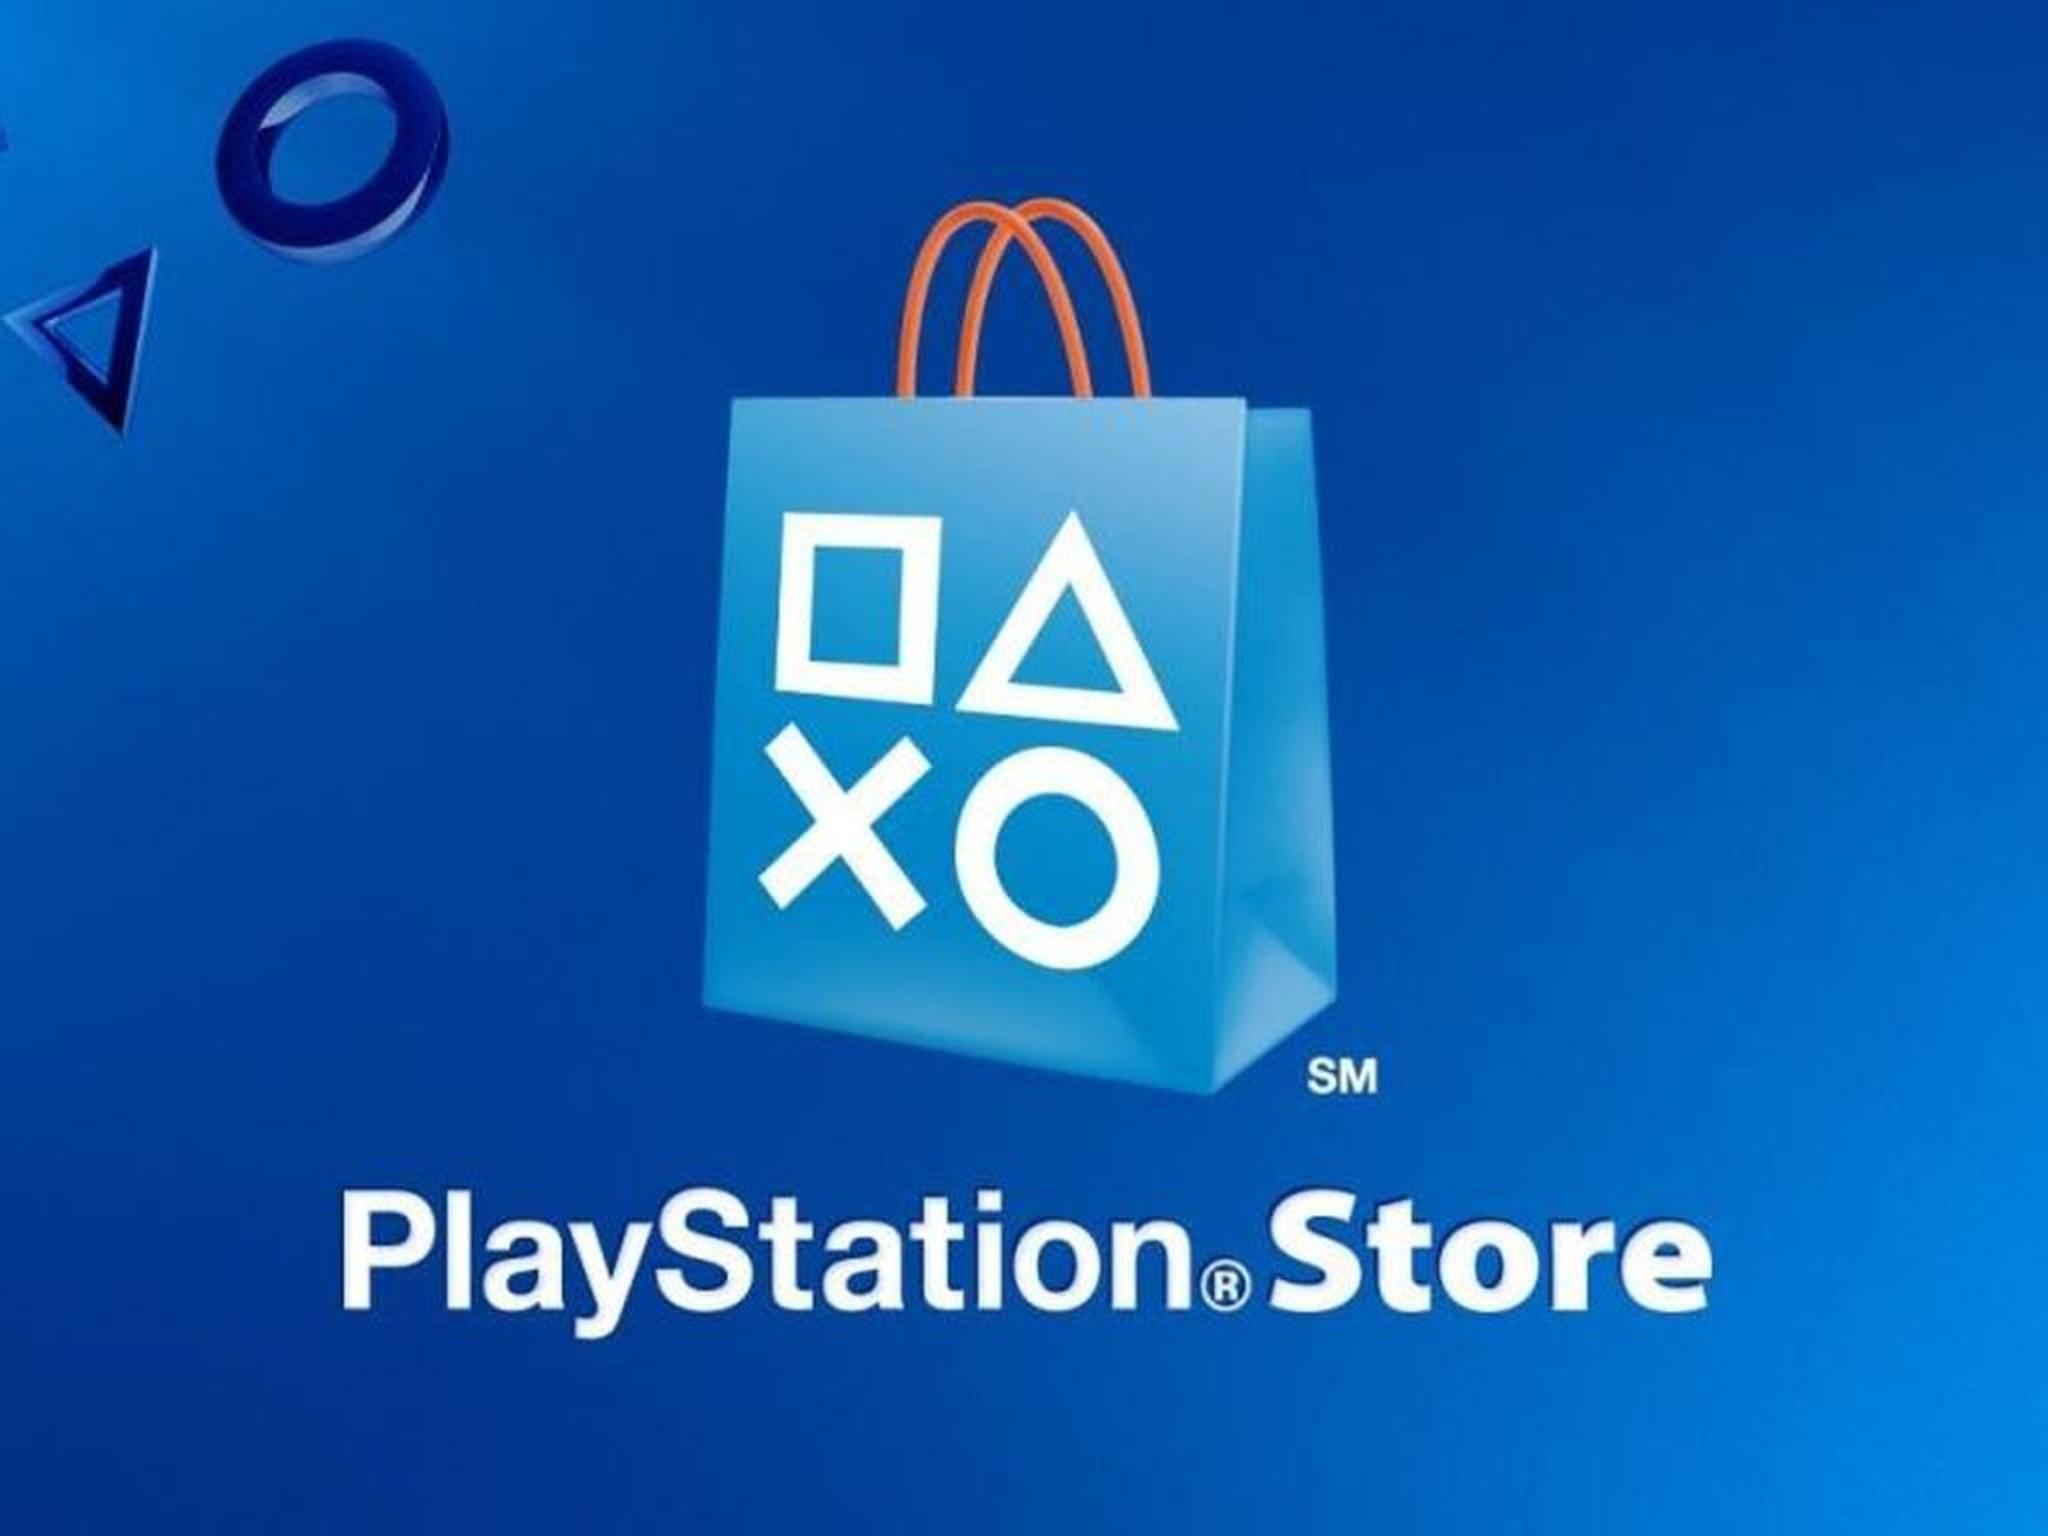 Der PlayStation Store ist vorübergehend nicht erreichbar.